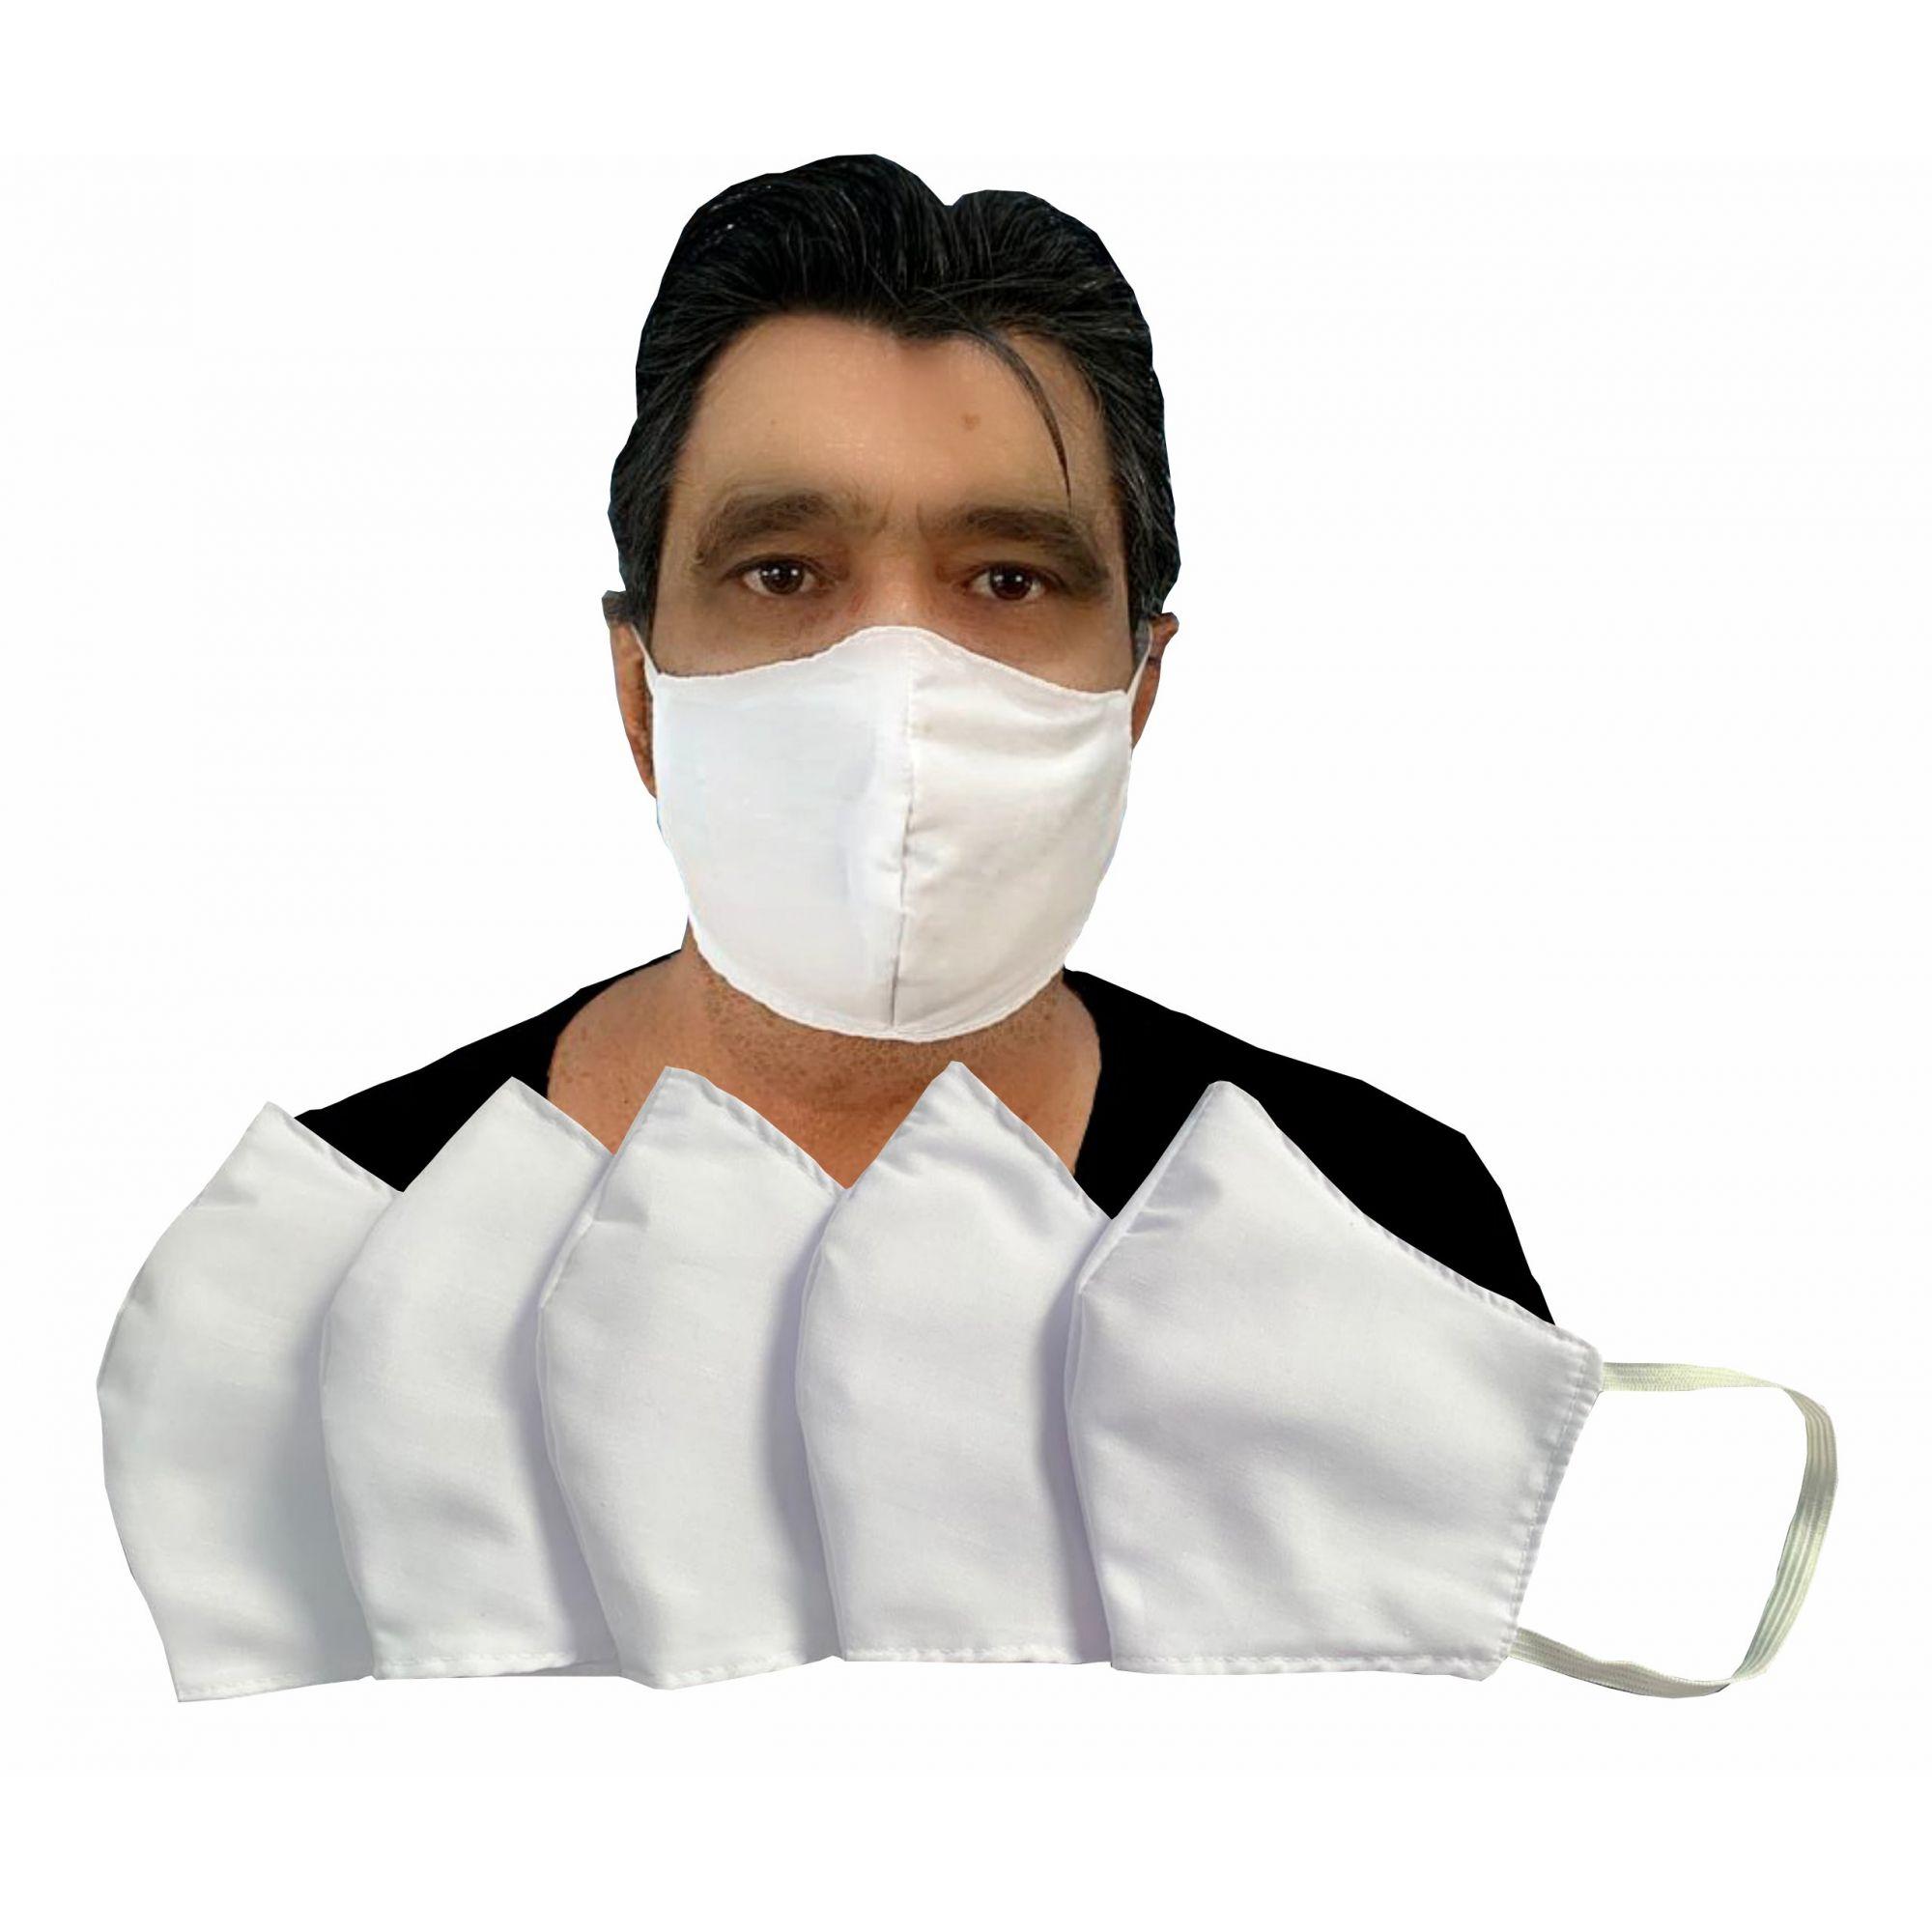 Mascara Proteção Covid-19 - kit familia - contem 03 unidades